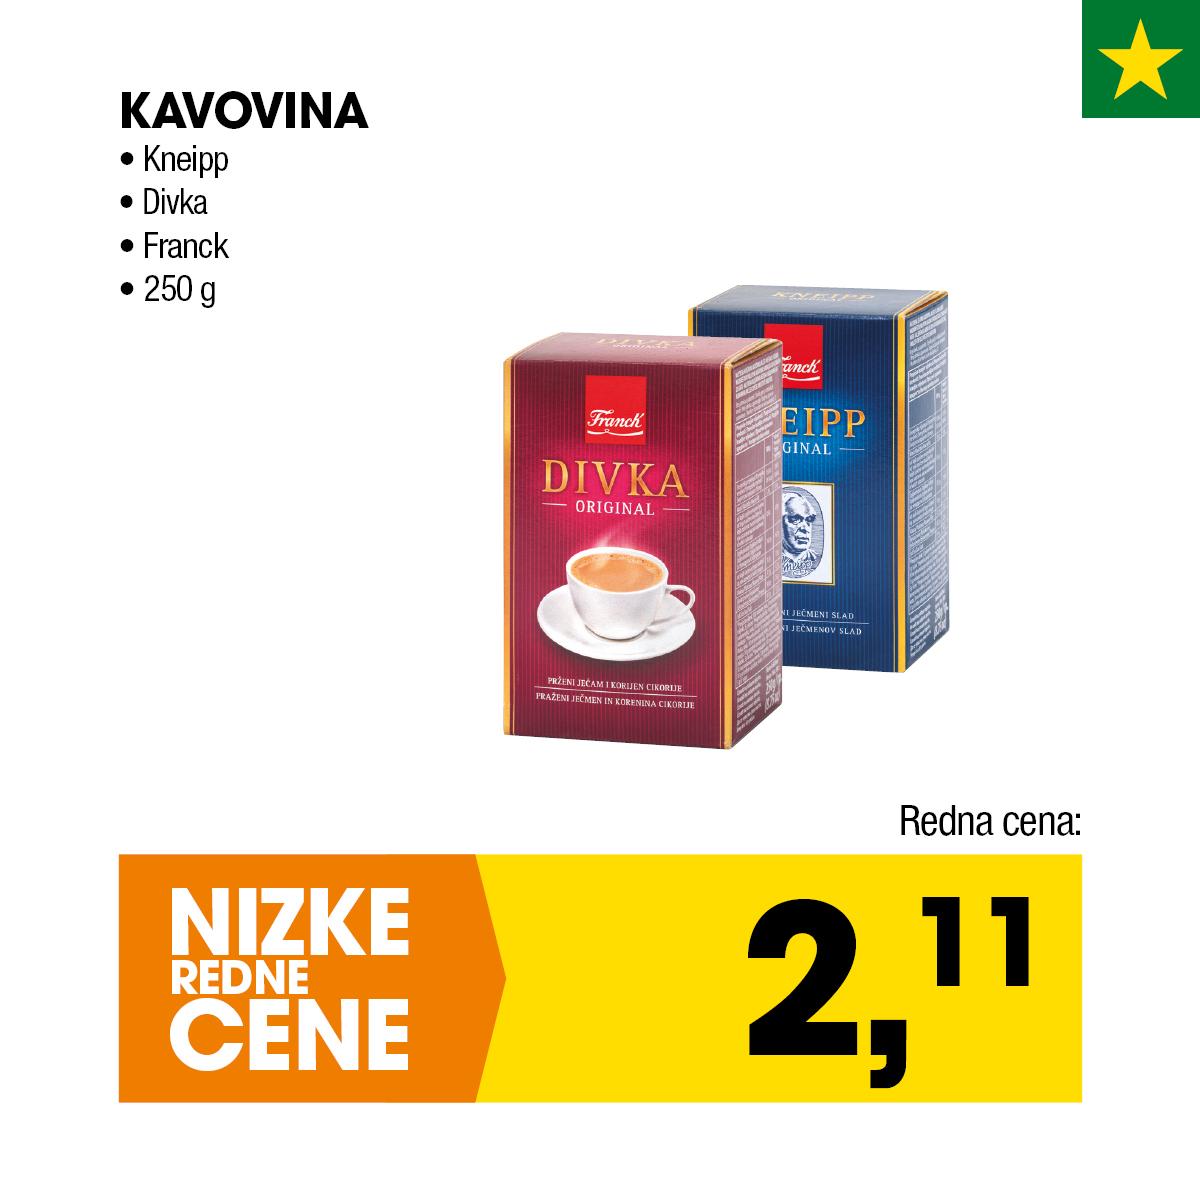 Nizke cene - Kavovina